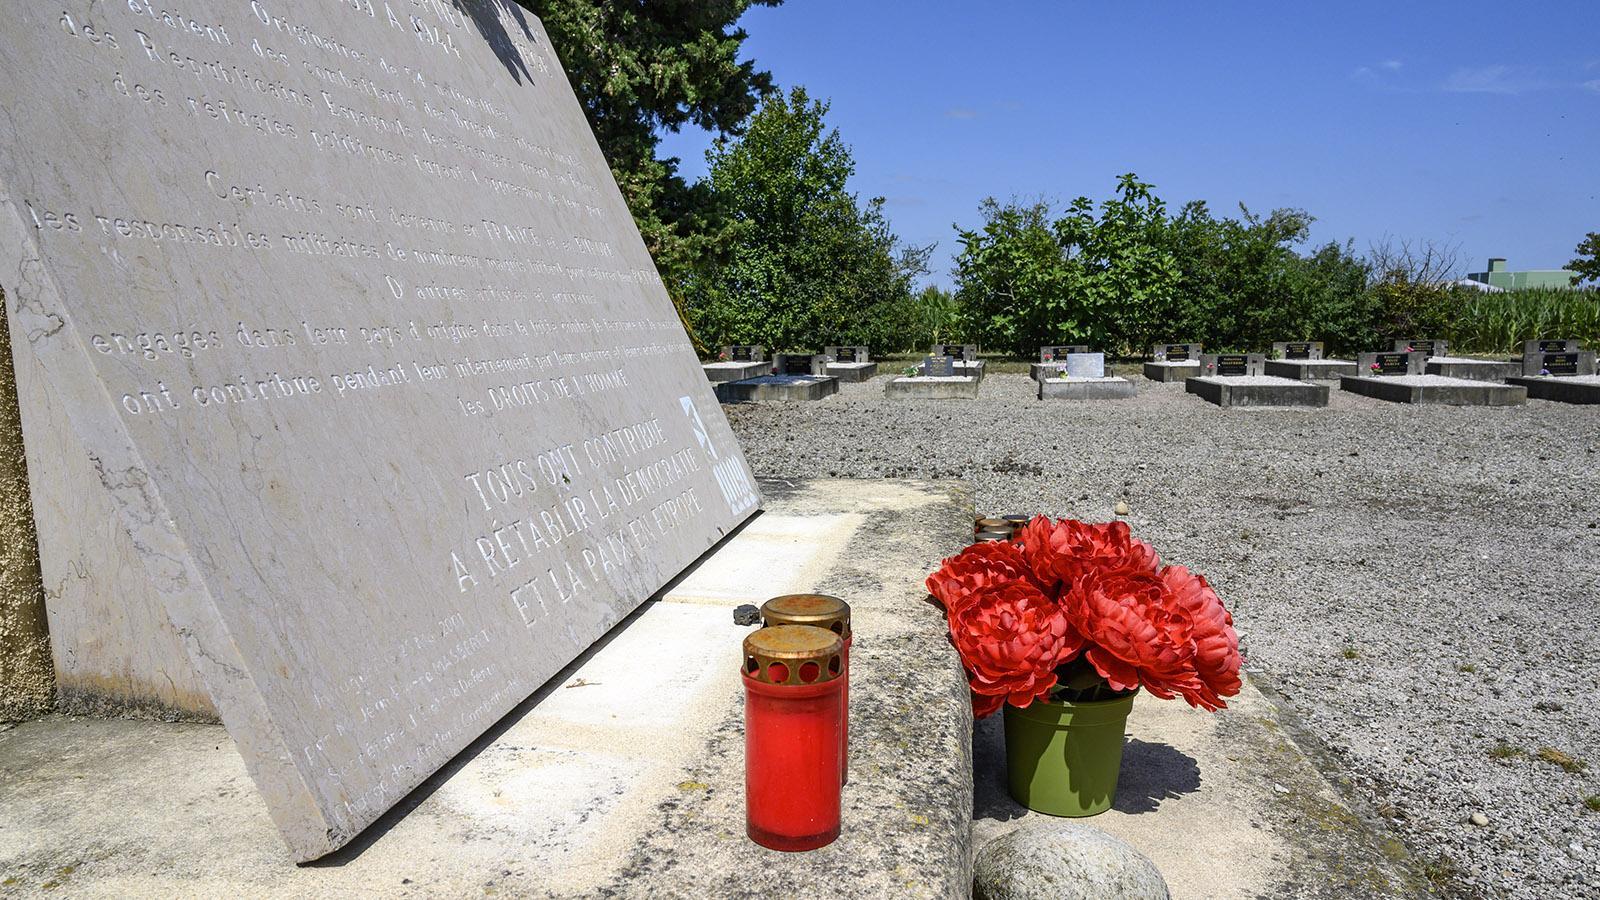 Am Gedenkstein des Friedhofs werden bis heute Kerzen entzündet und Blumen niedergelegt. Foto: Hilke Maunder